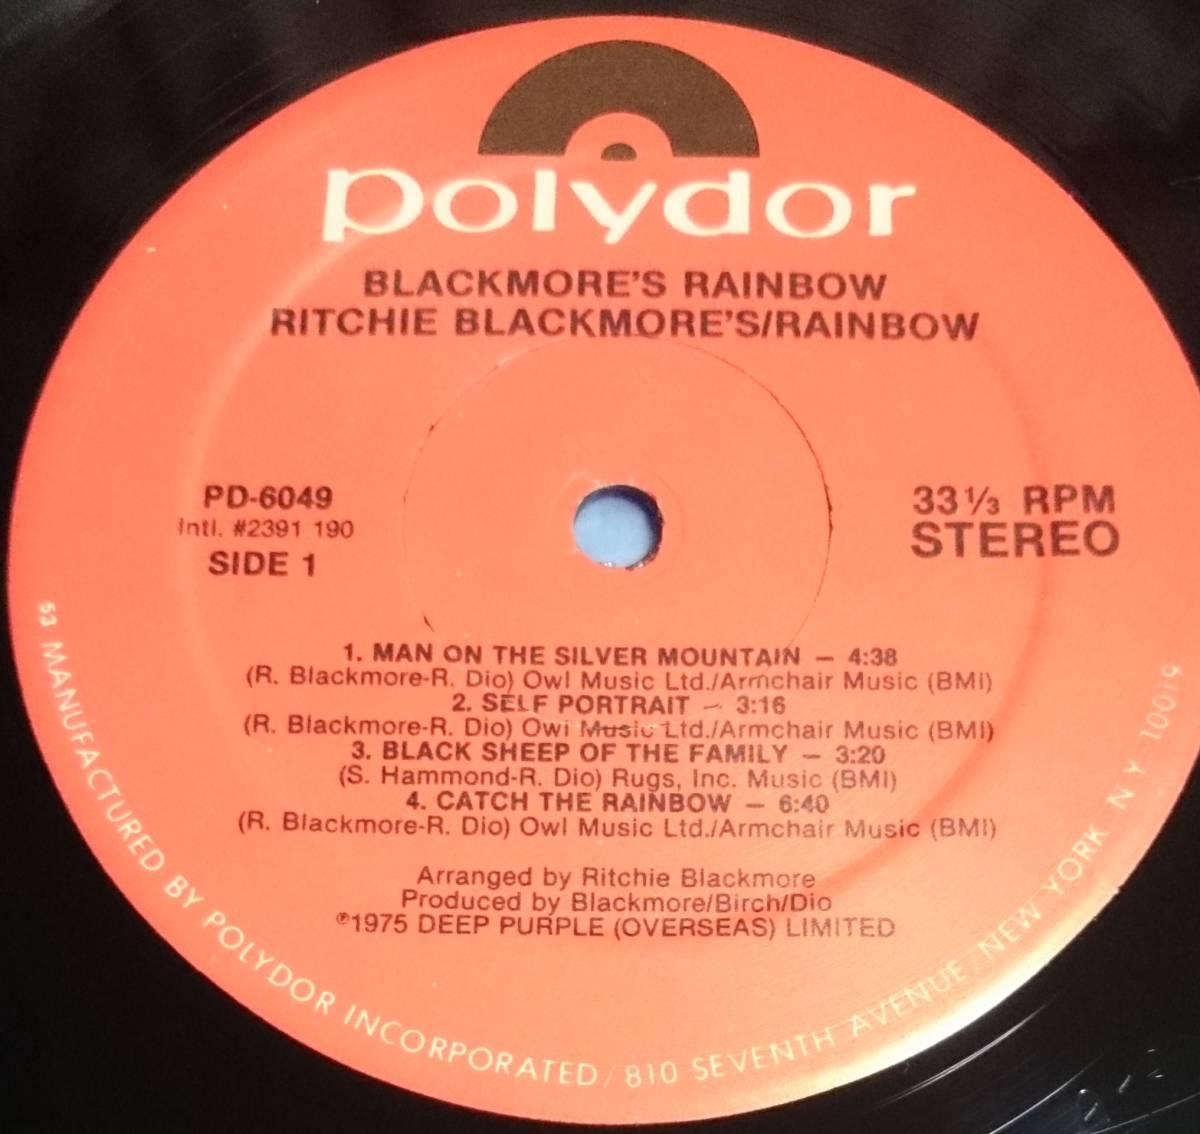 アメリカ盤LP■レインボー RAINBOW / RITCHIE BLACKMORE'S RAINBOW■再生確認済■邦題:銀嶺の覇者■リッチー・ブラックモアズ・レインボー_画像5